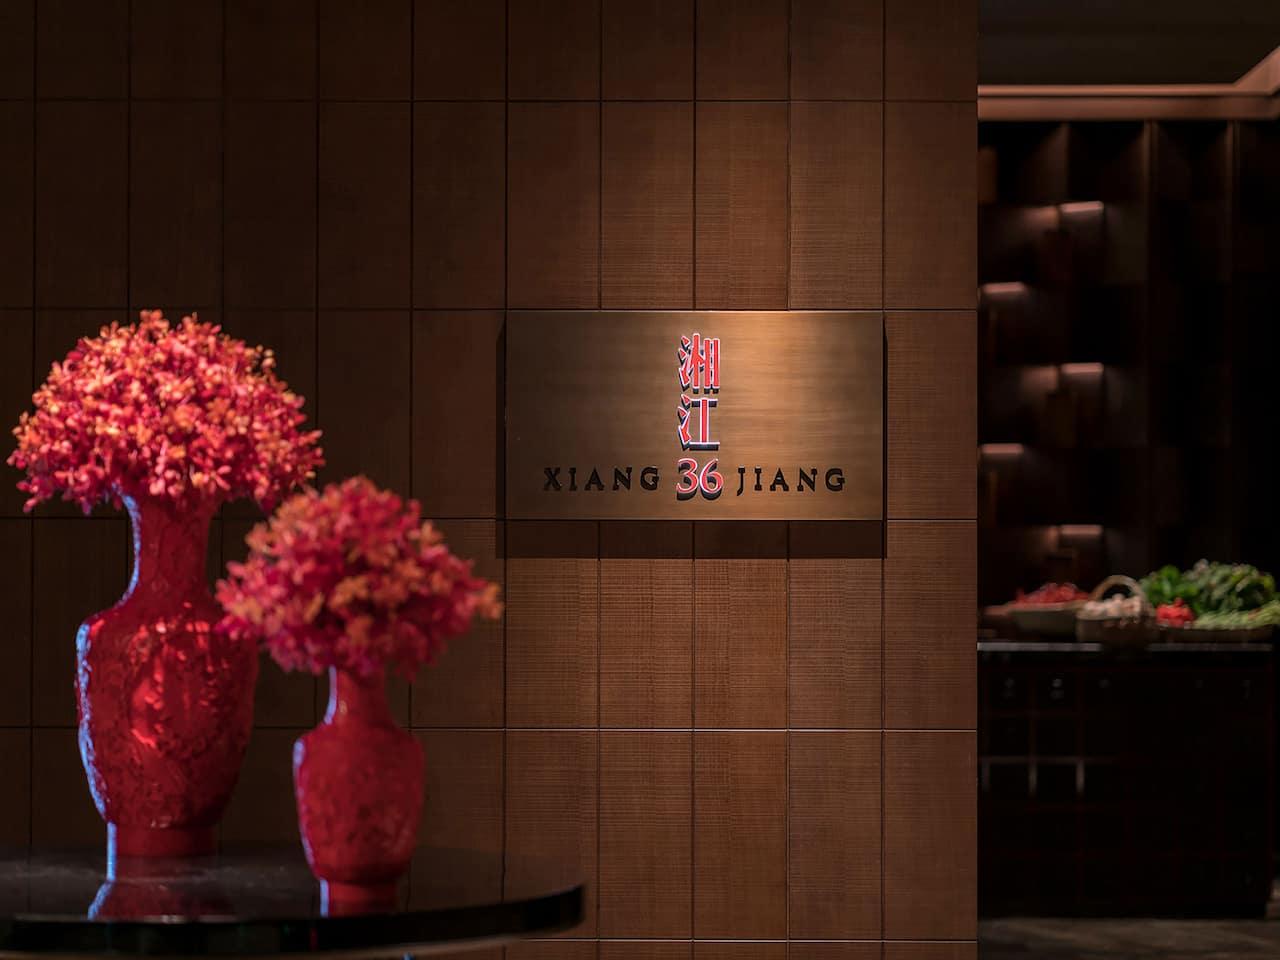 Xiangjiang36